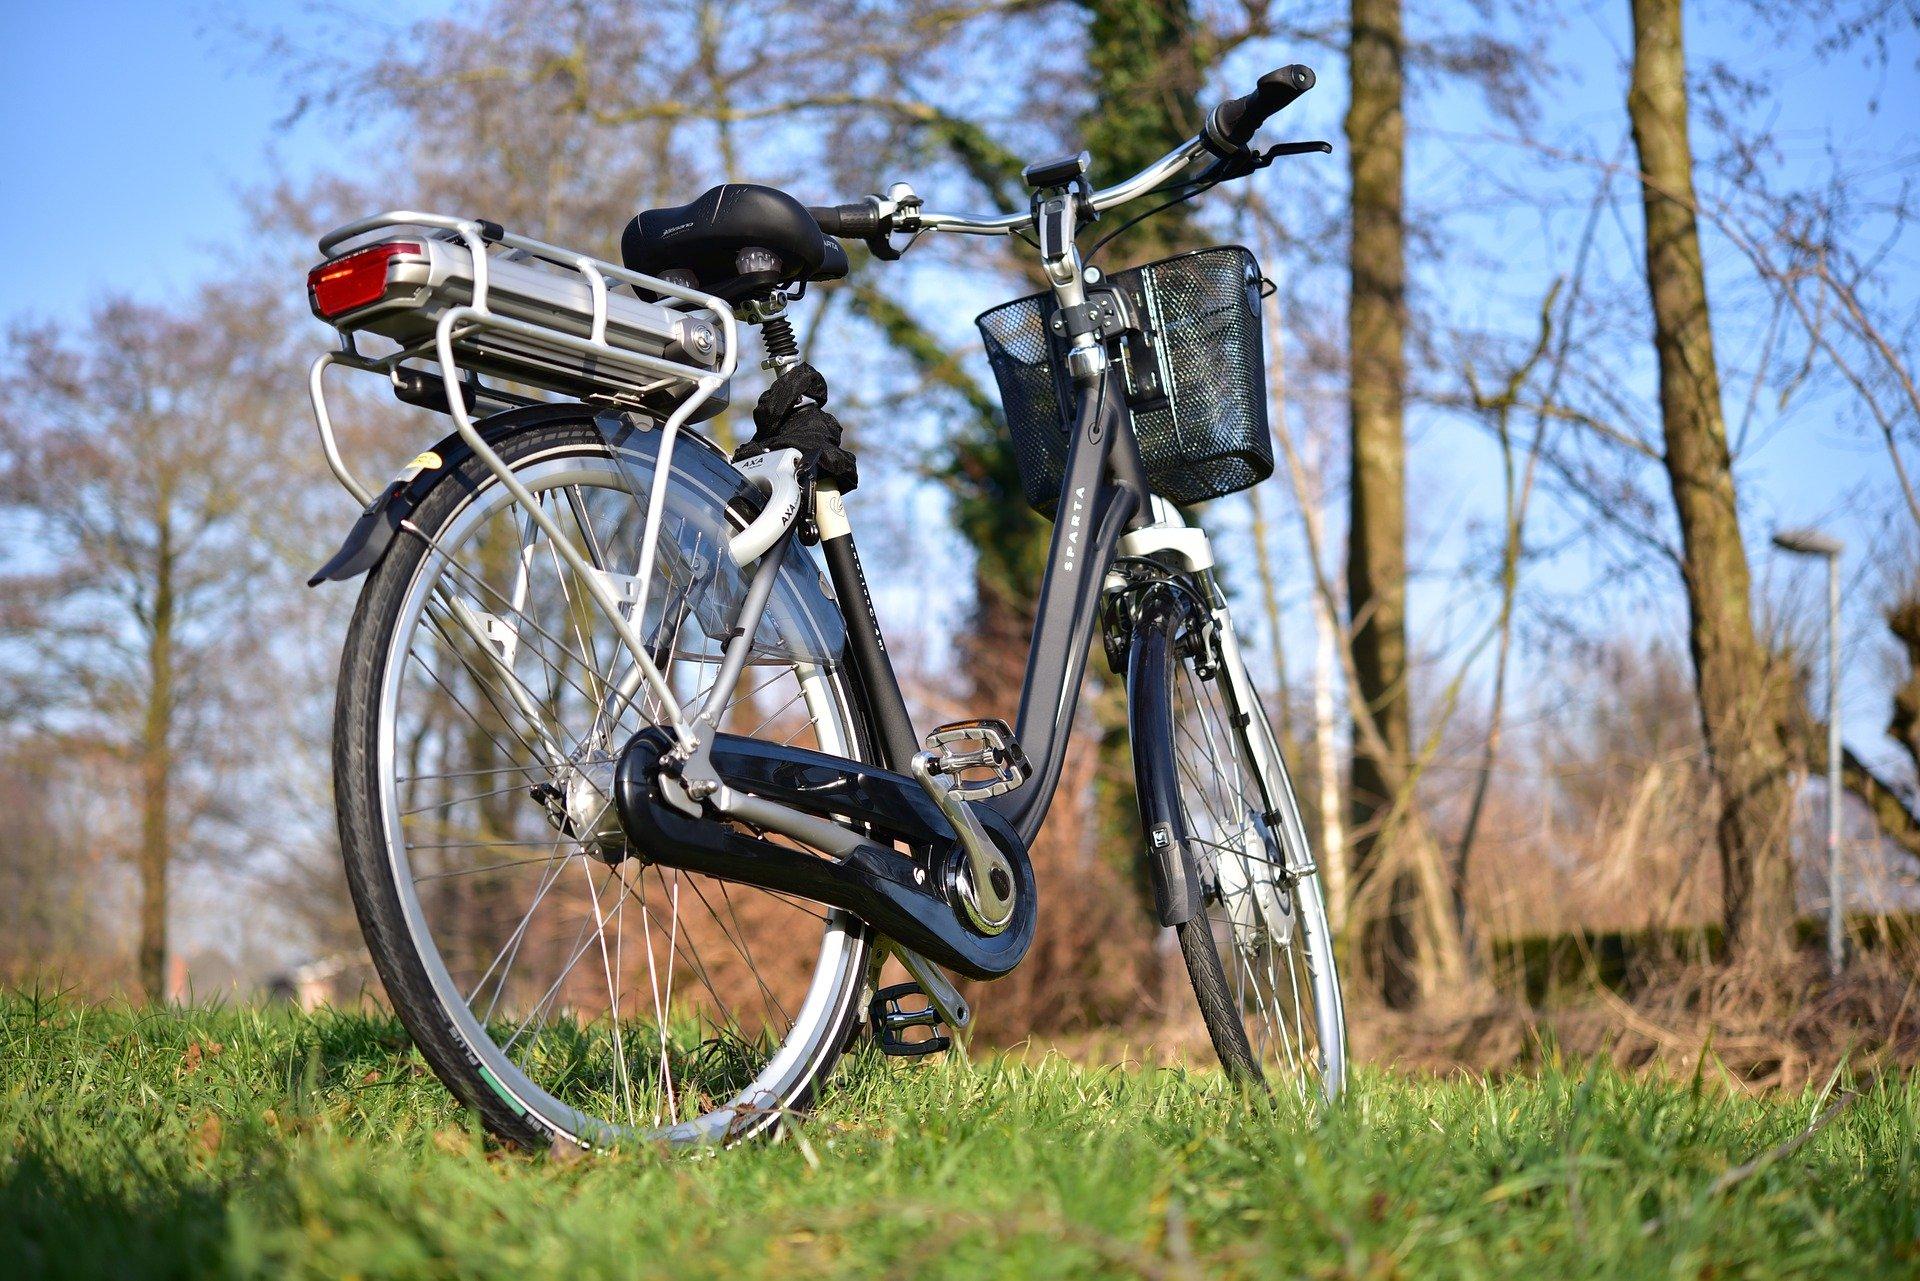 Is mijn fietsaccu aan vervanging toe?